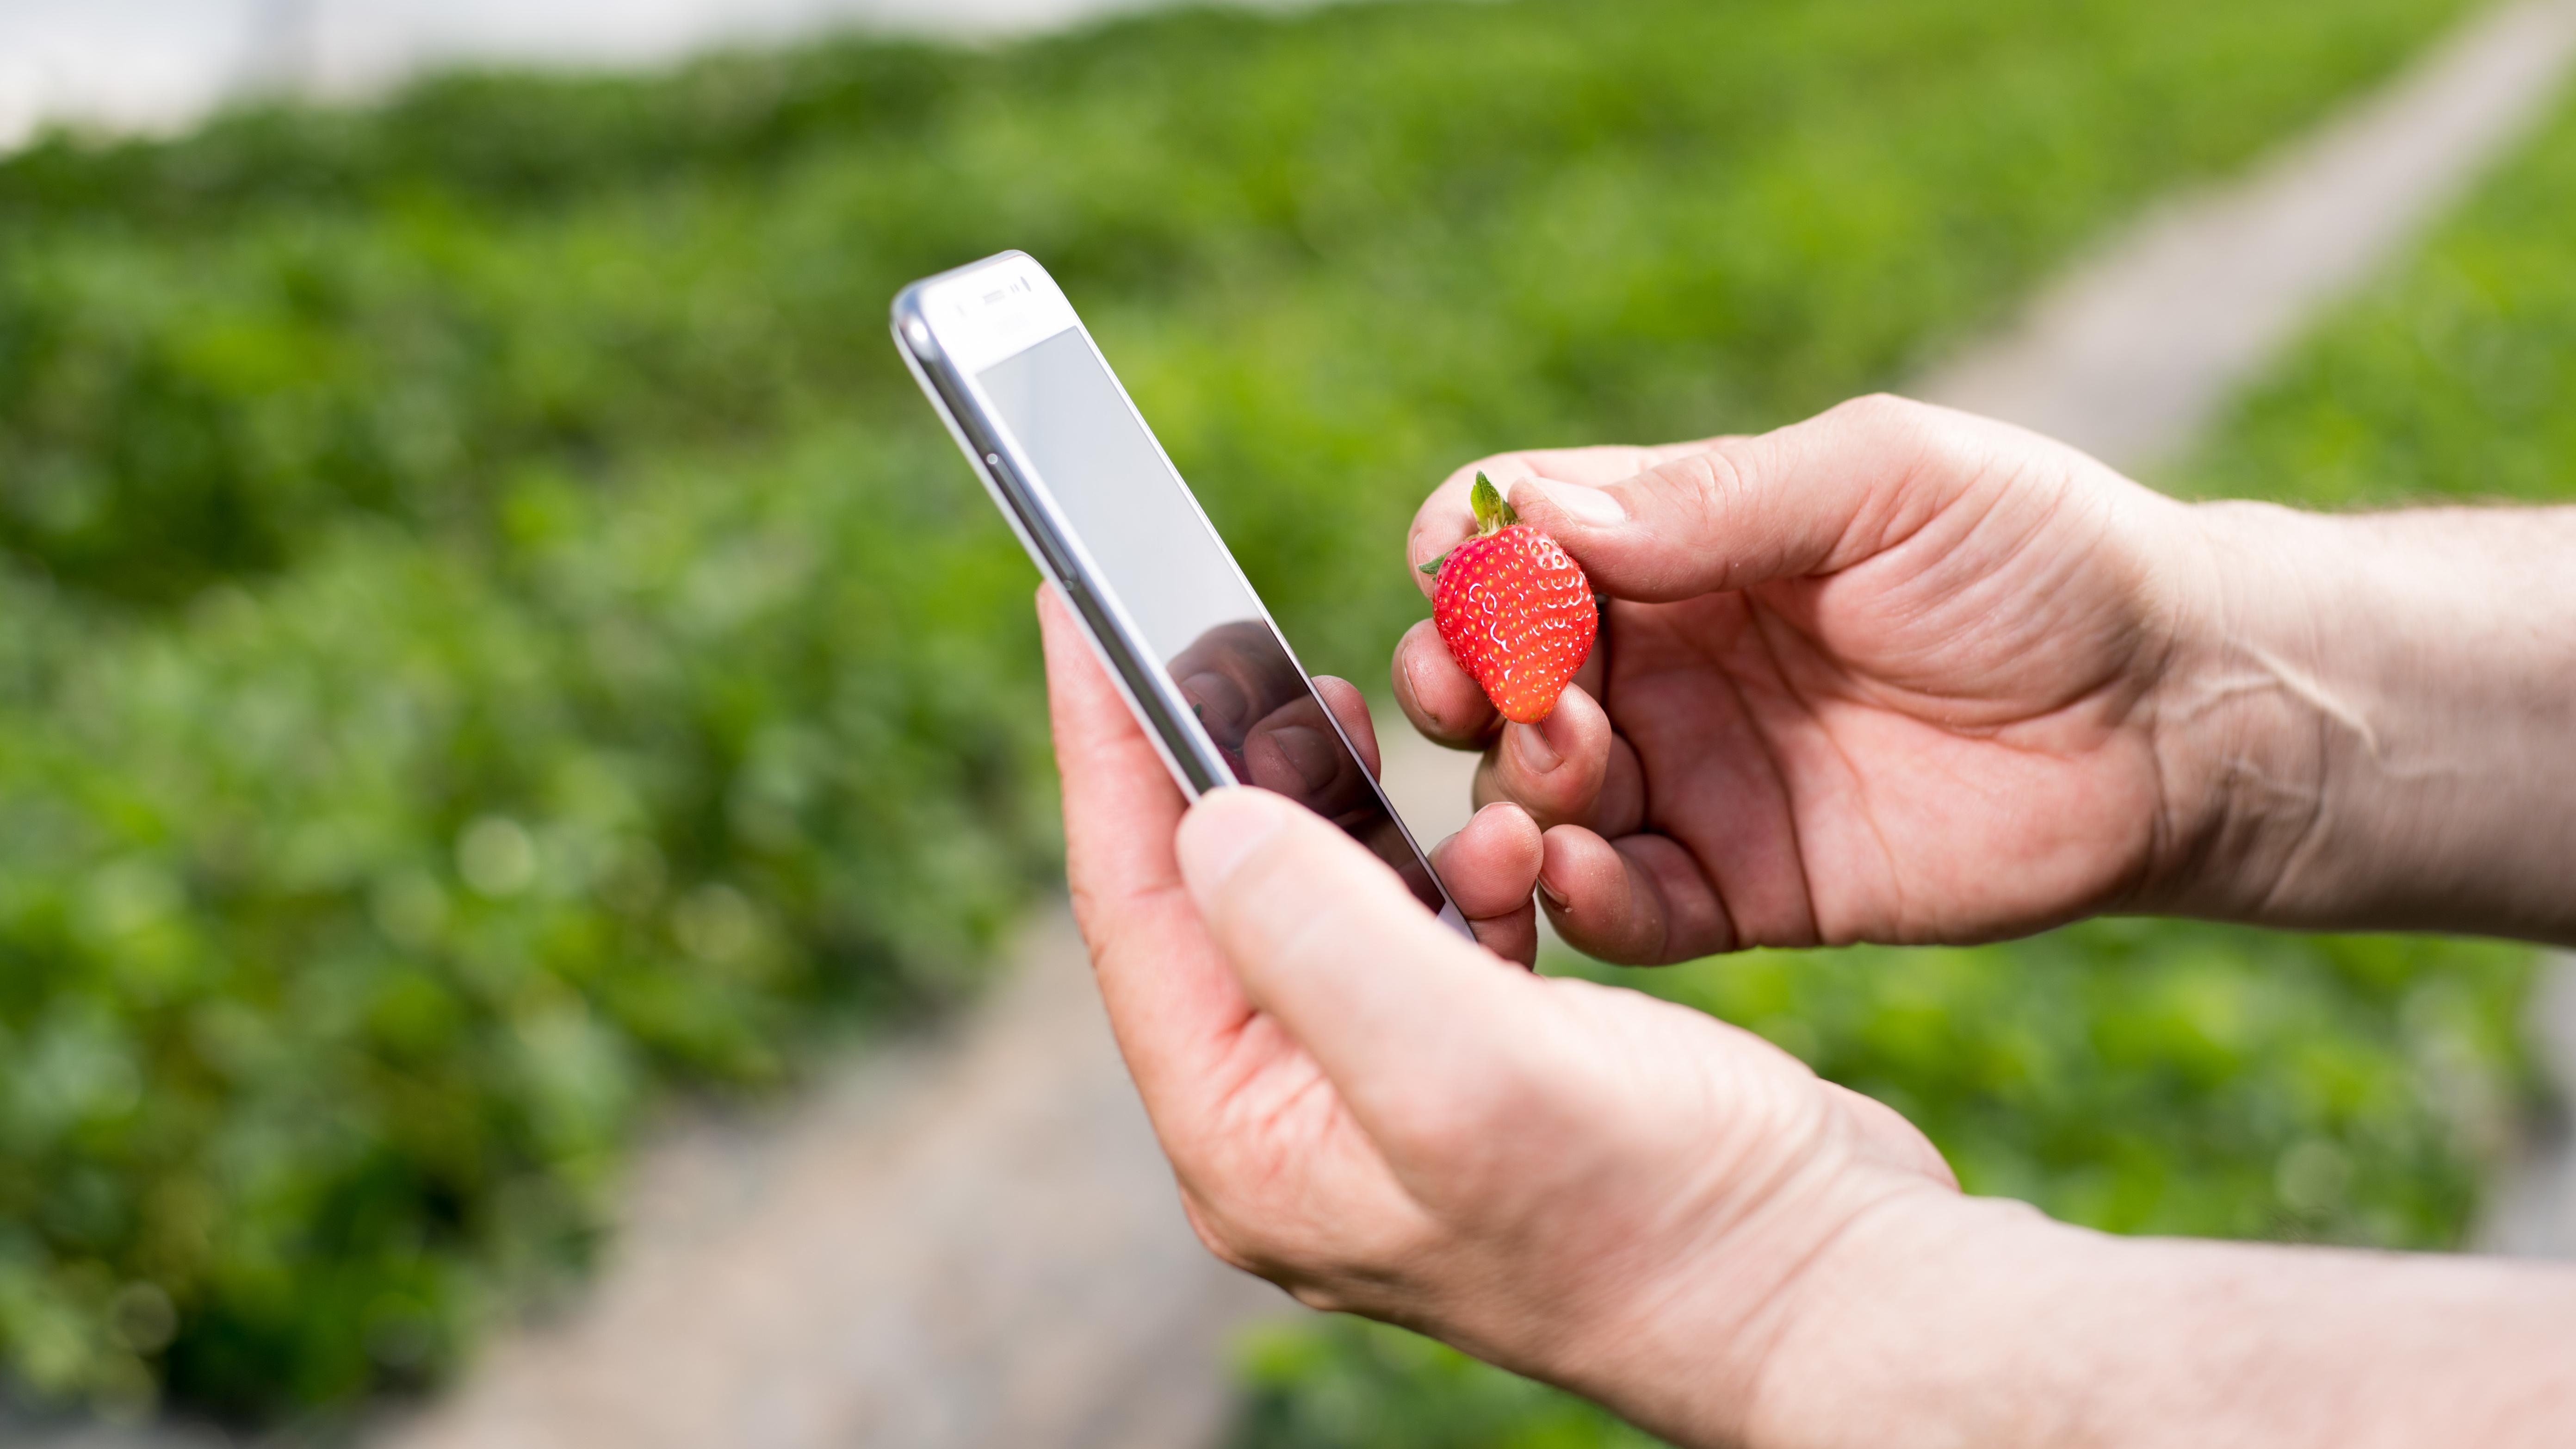 Über eine App auf dem Smartphone sieht der Landwirt auf einen Blick, ob auf seinen Feldern alles im grünen Bereich ist